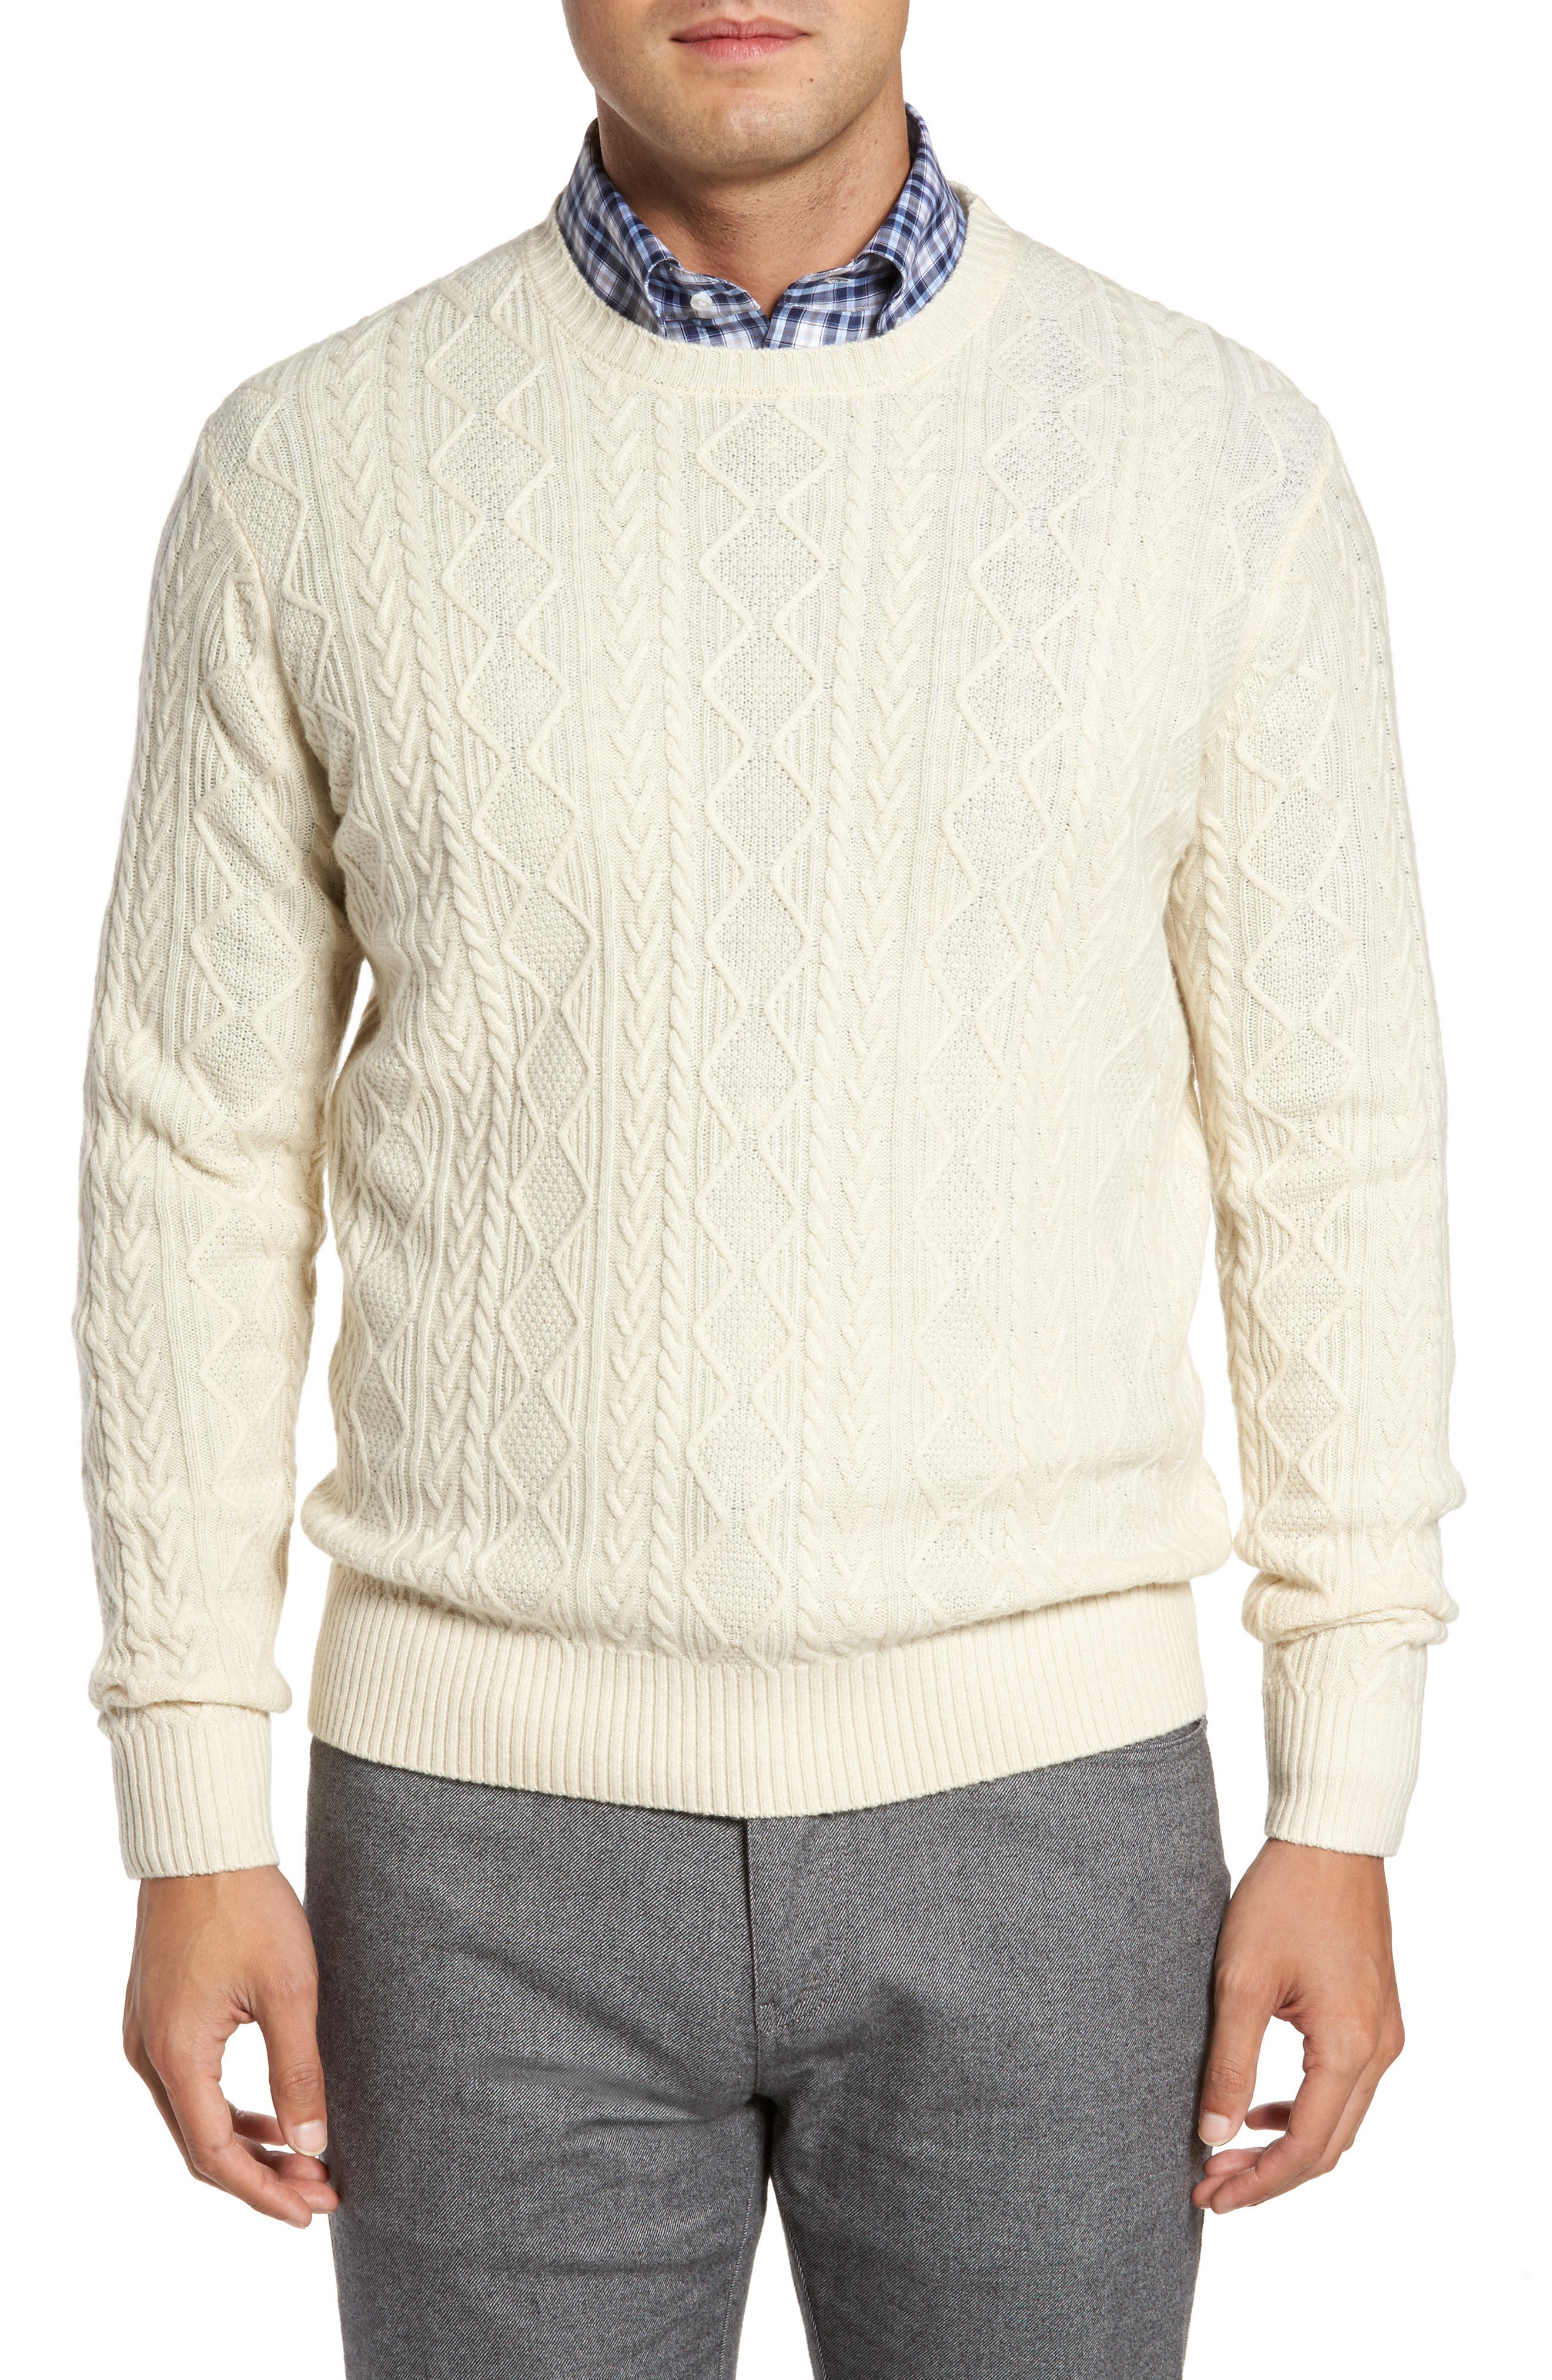 Peter Millar Crown Wool Blend Fisherman Sweater